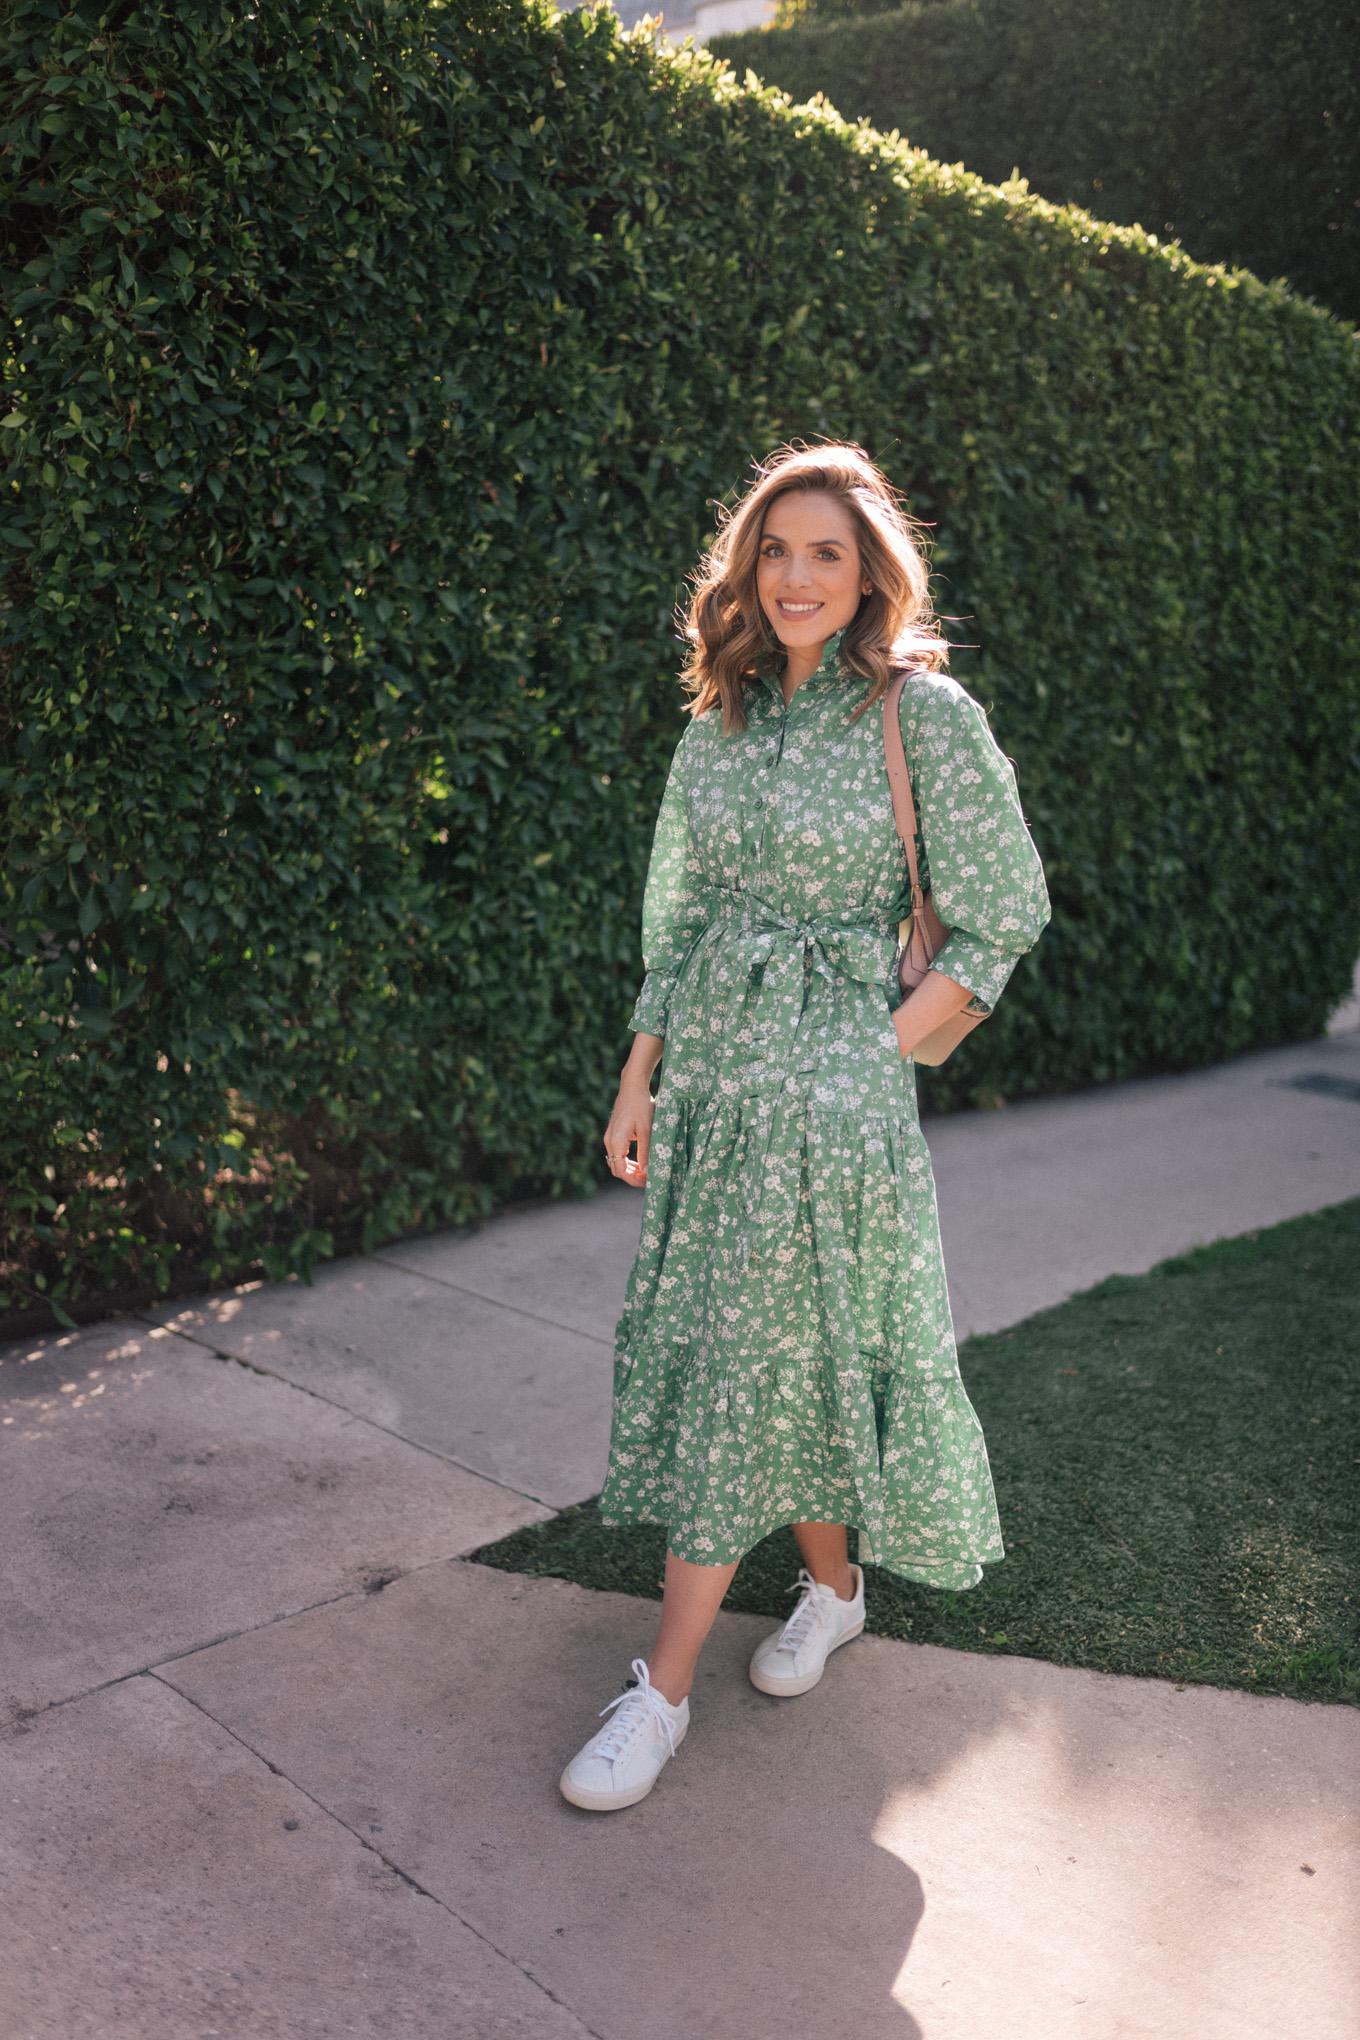 Đầm dài tay phồng in hoa xanh lá